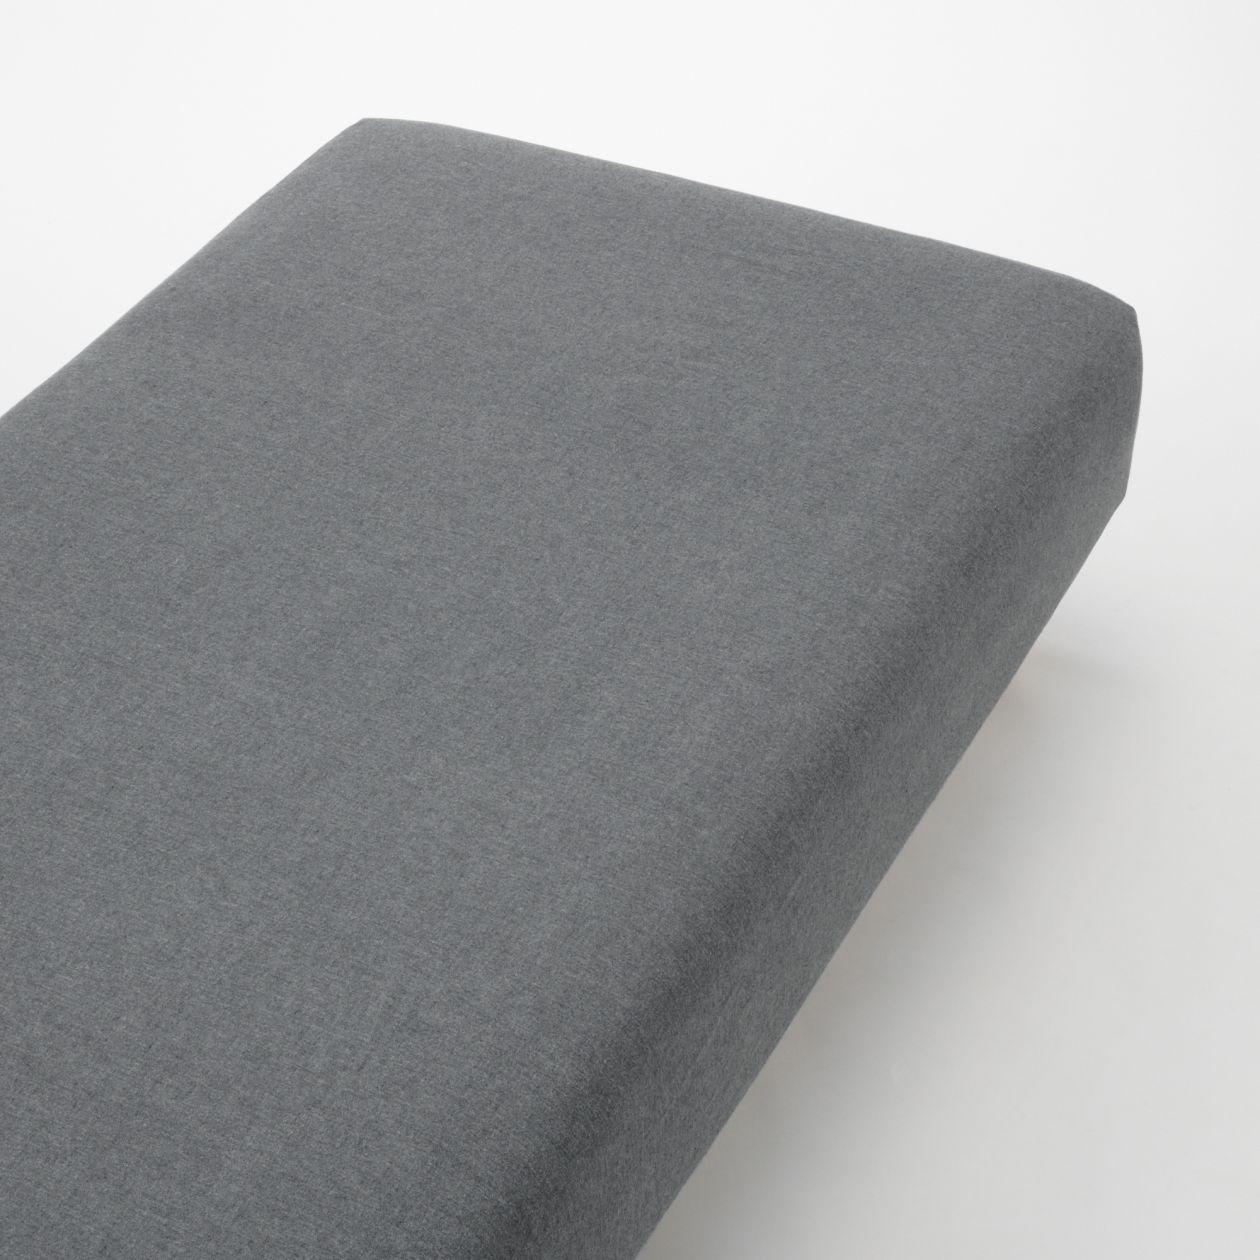 綿フランネルボックスシーツ・S/杢グレー